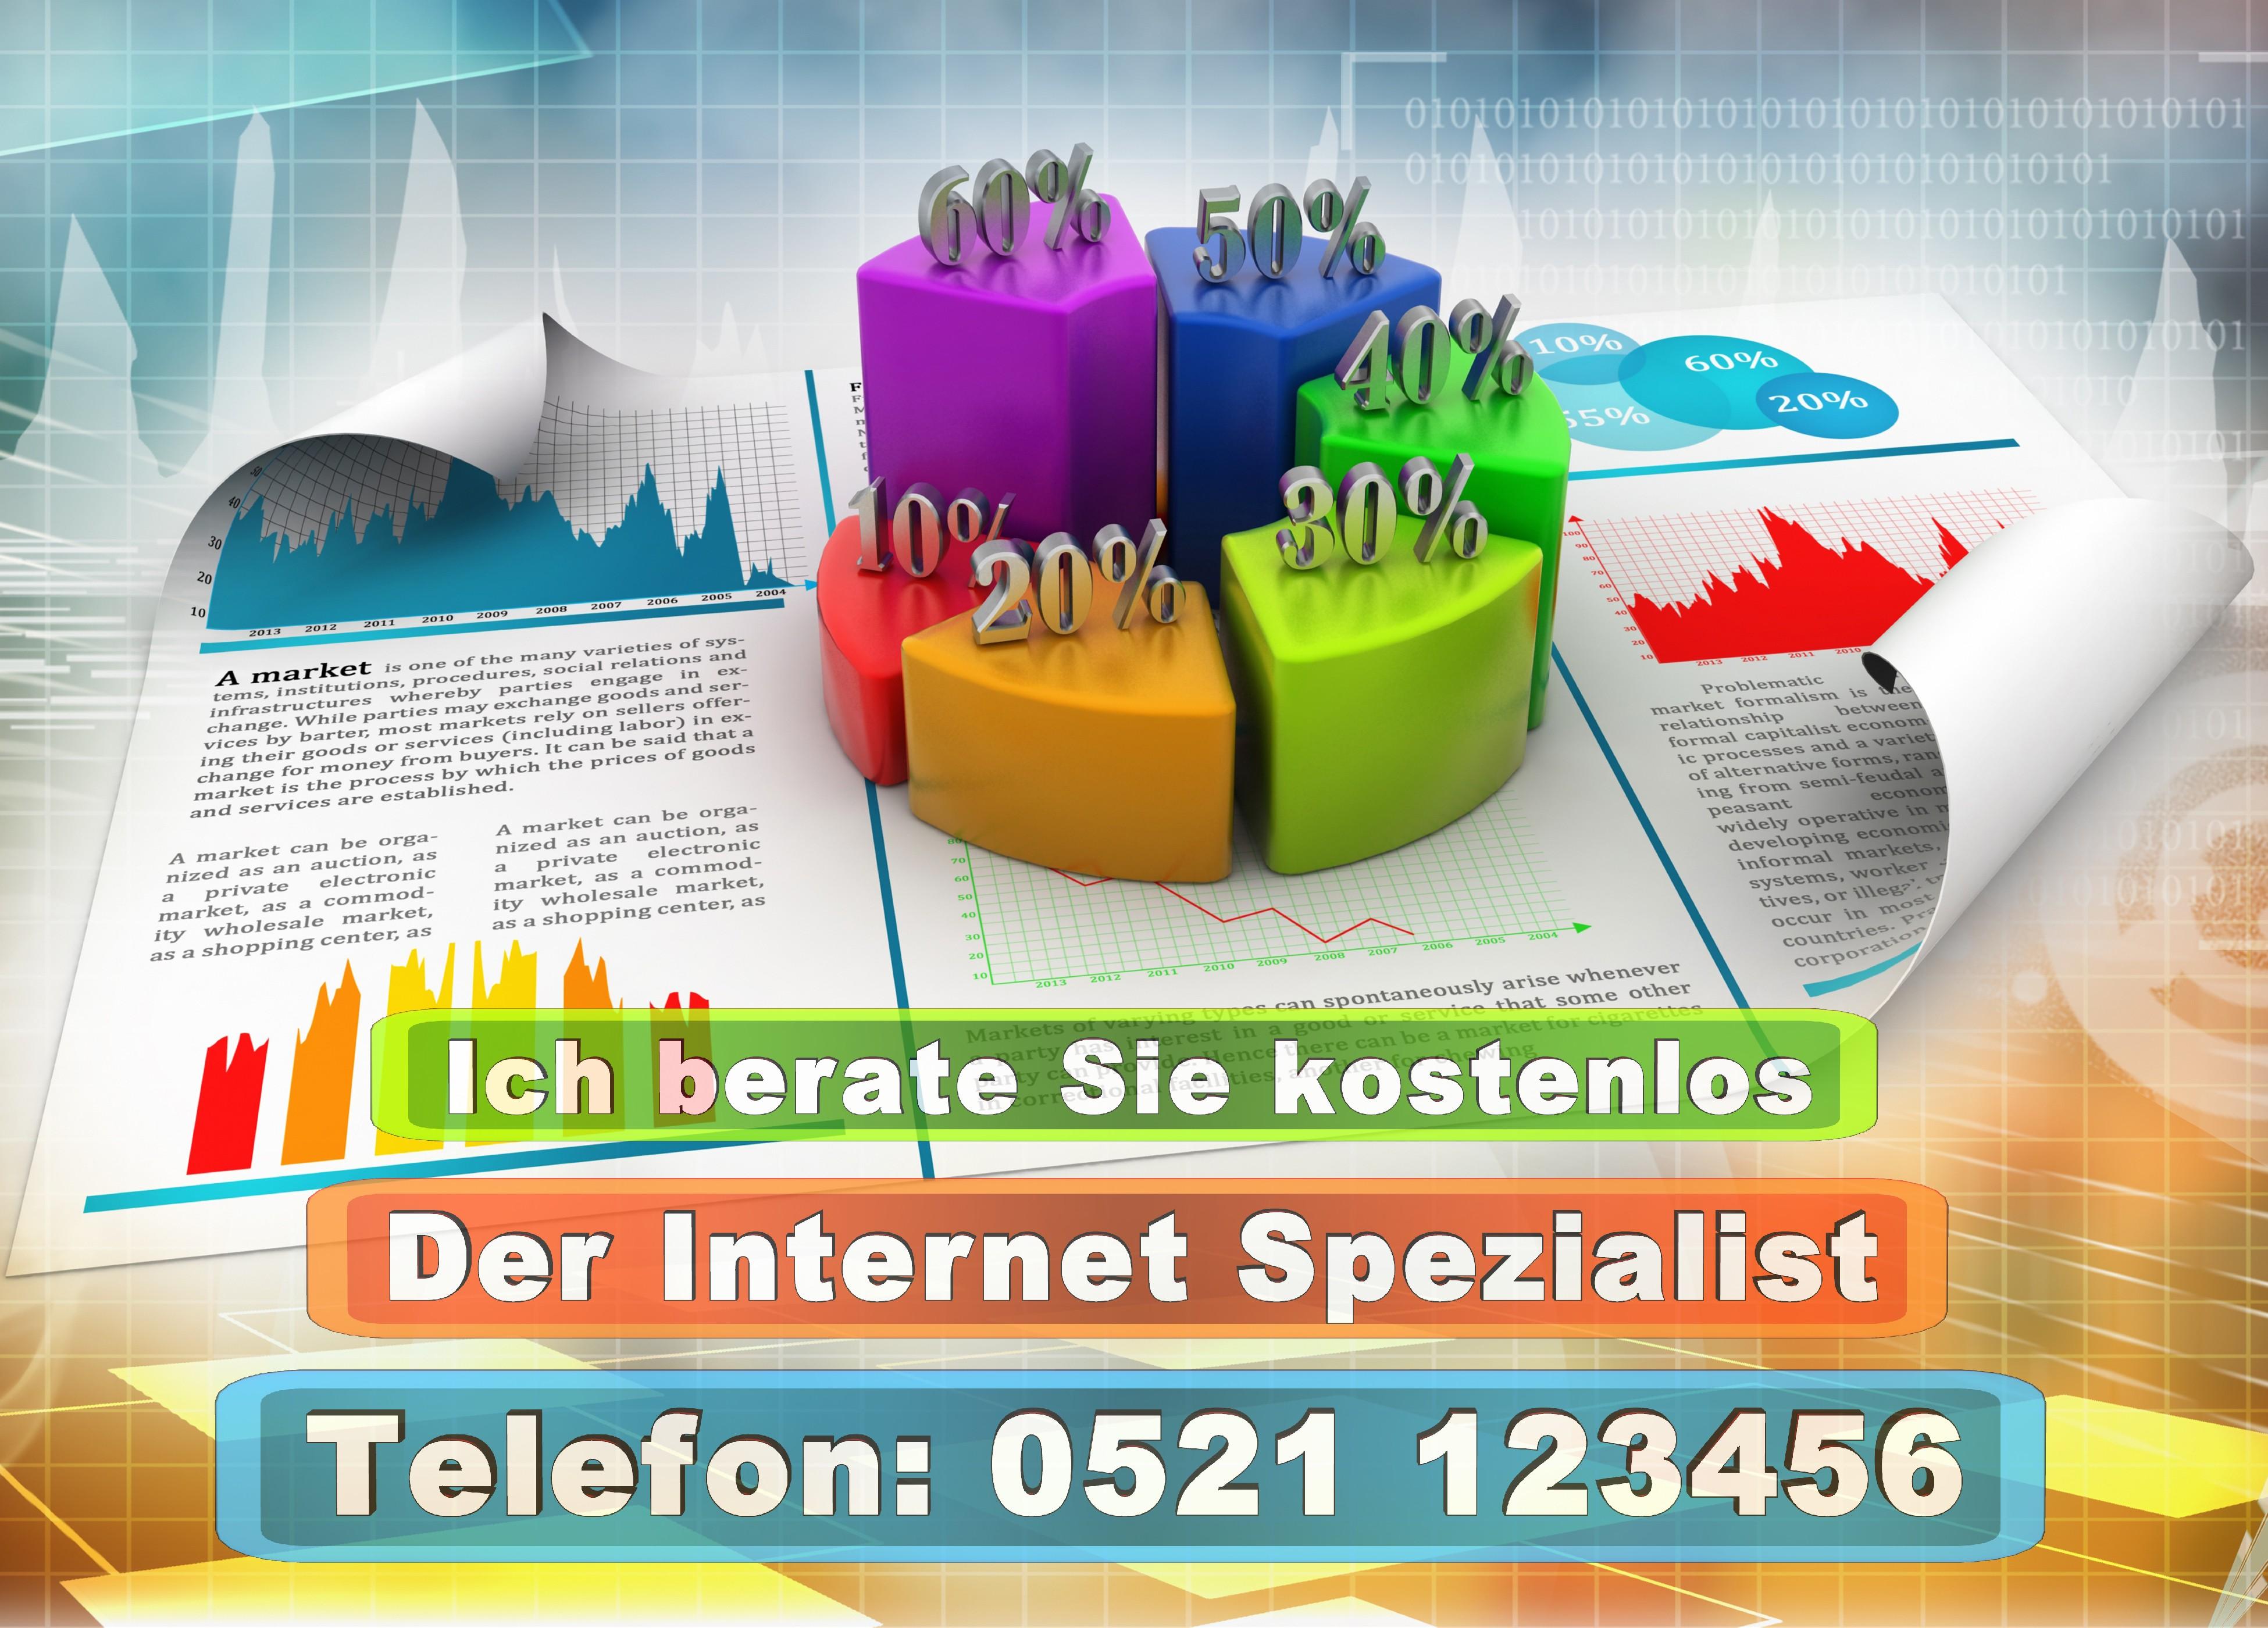 Werbeagentur Bielefeld Druckerei Bielefeld Prospekte Zeitung Visitenkarten Poster Werbung Print Presse Druck Fotografie Fotos Internet (45)